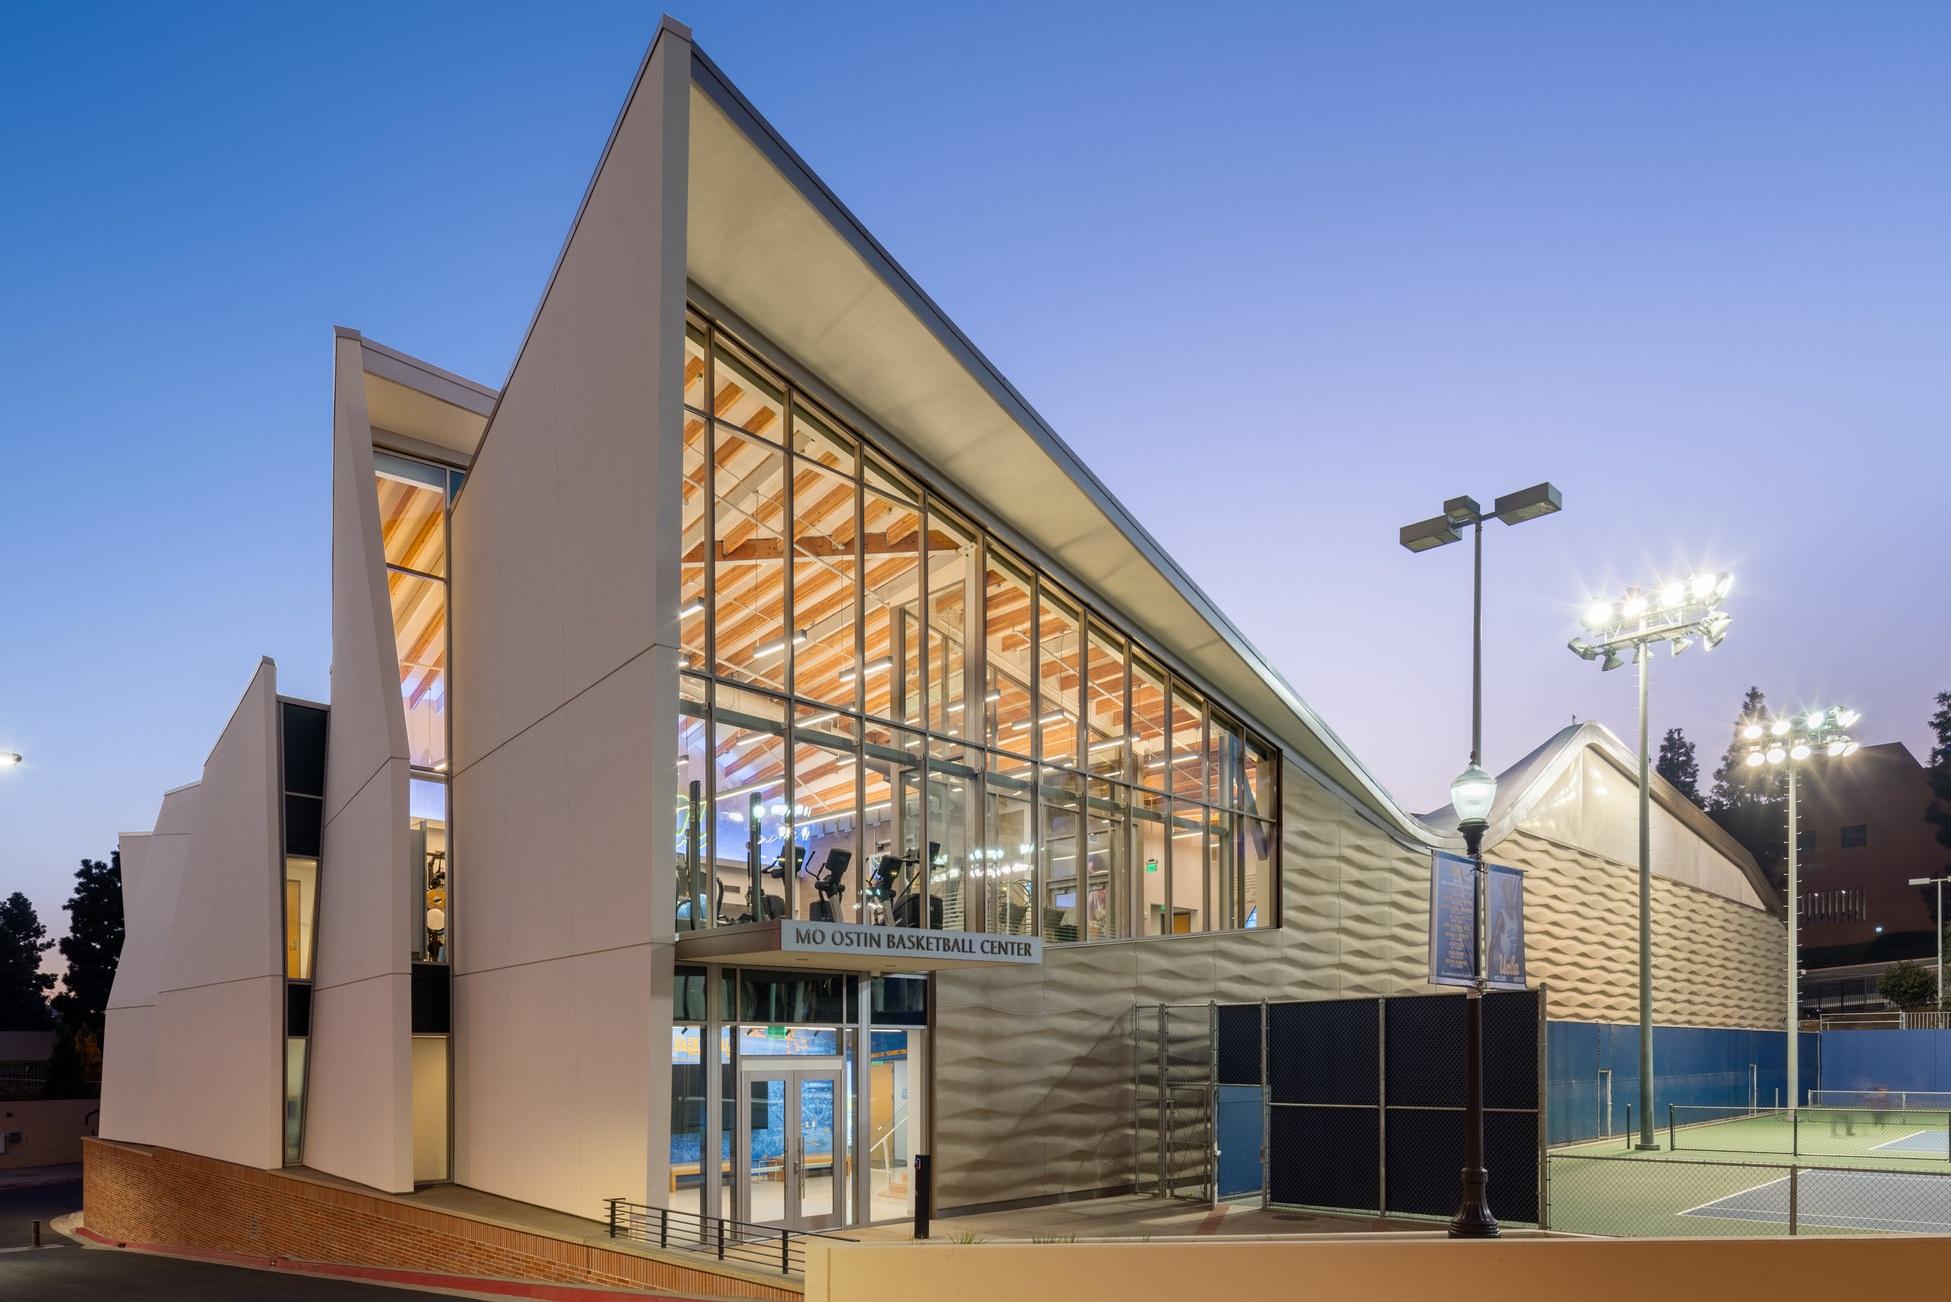 UCLA Mo Ostin Basketball Center